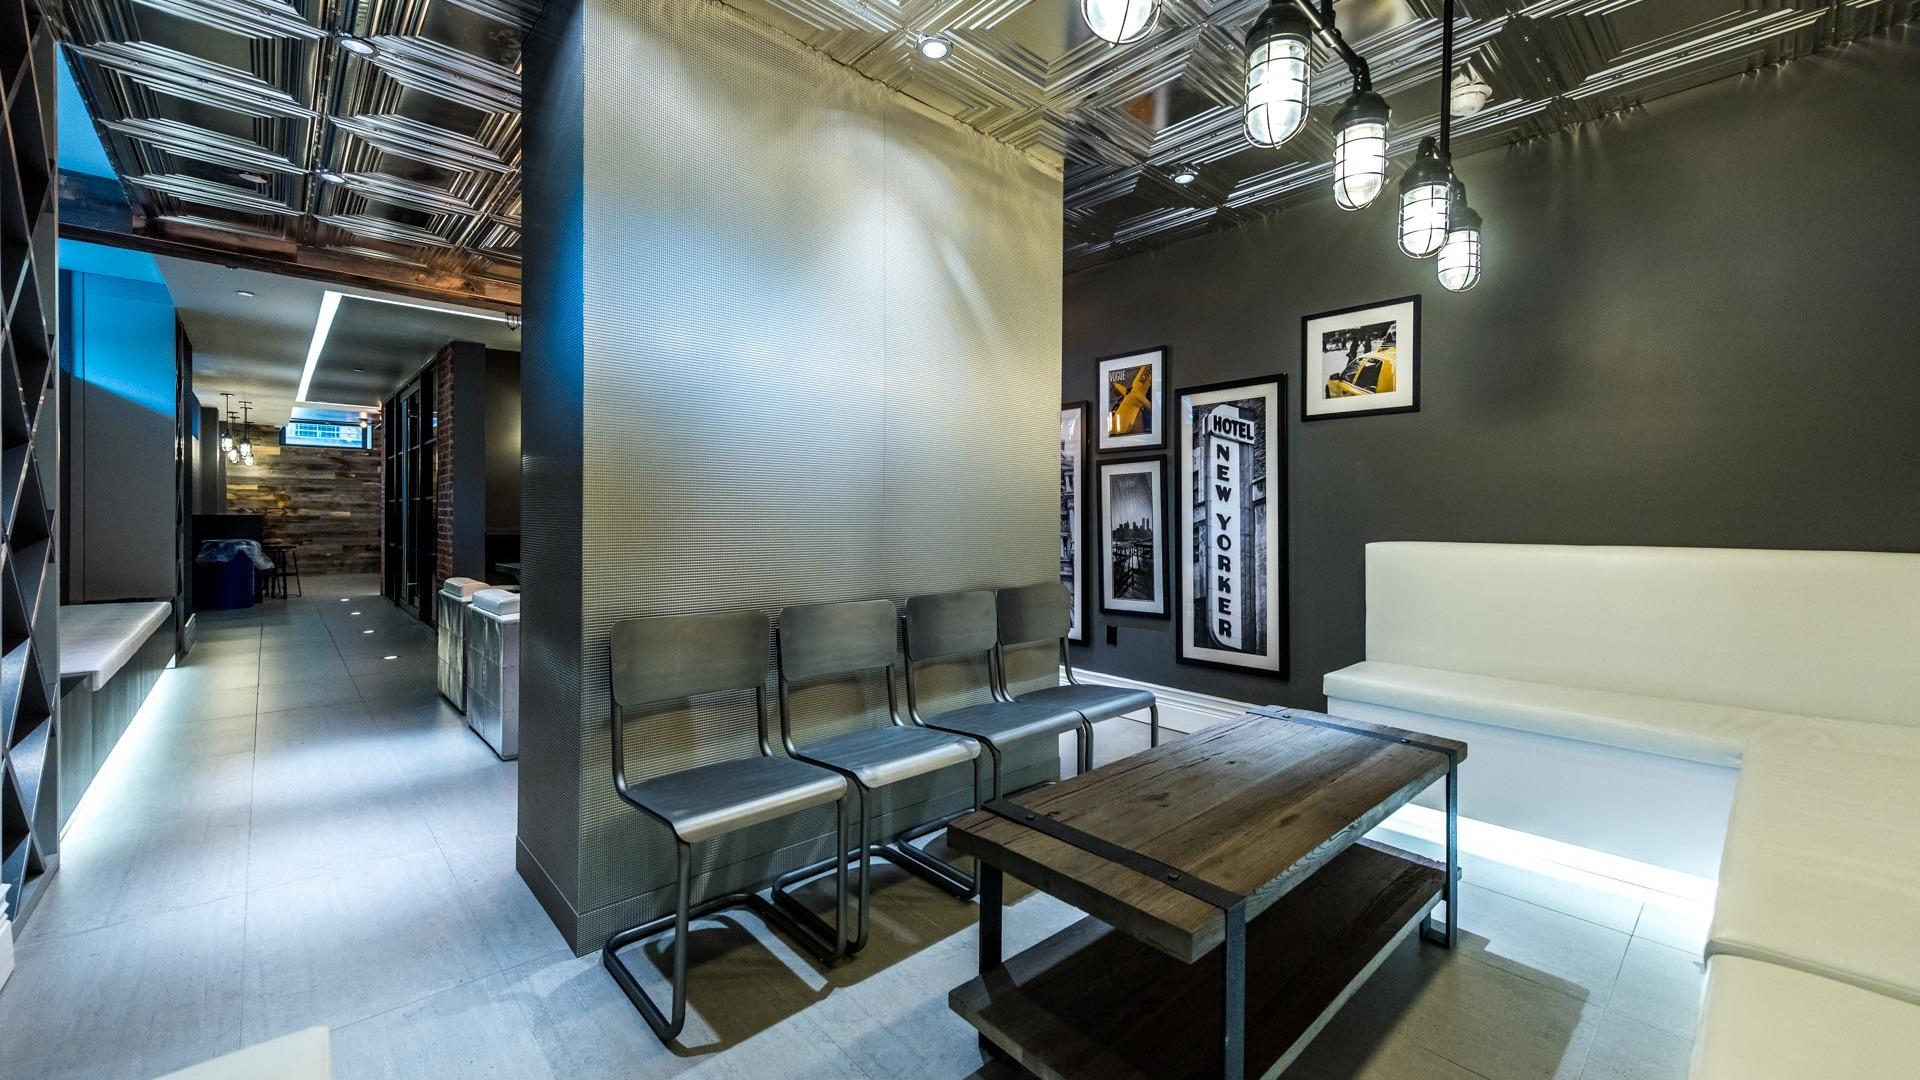 004 024 185 leonard street lounge 7